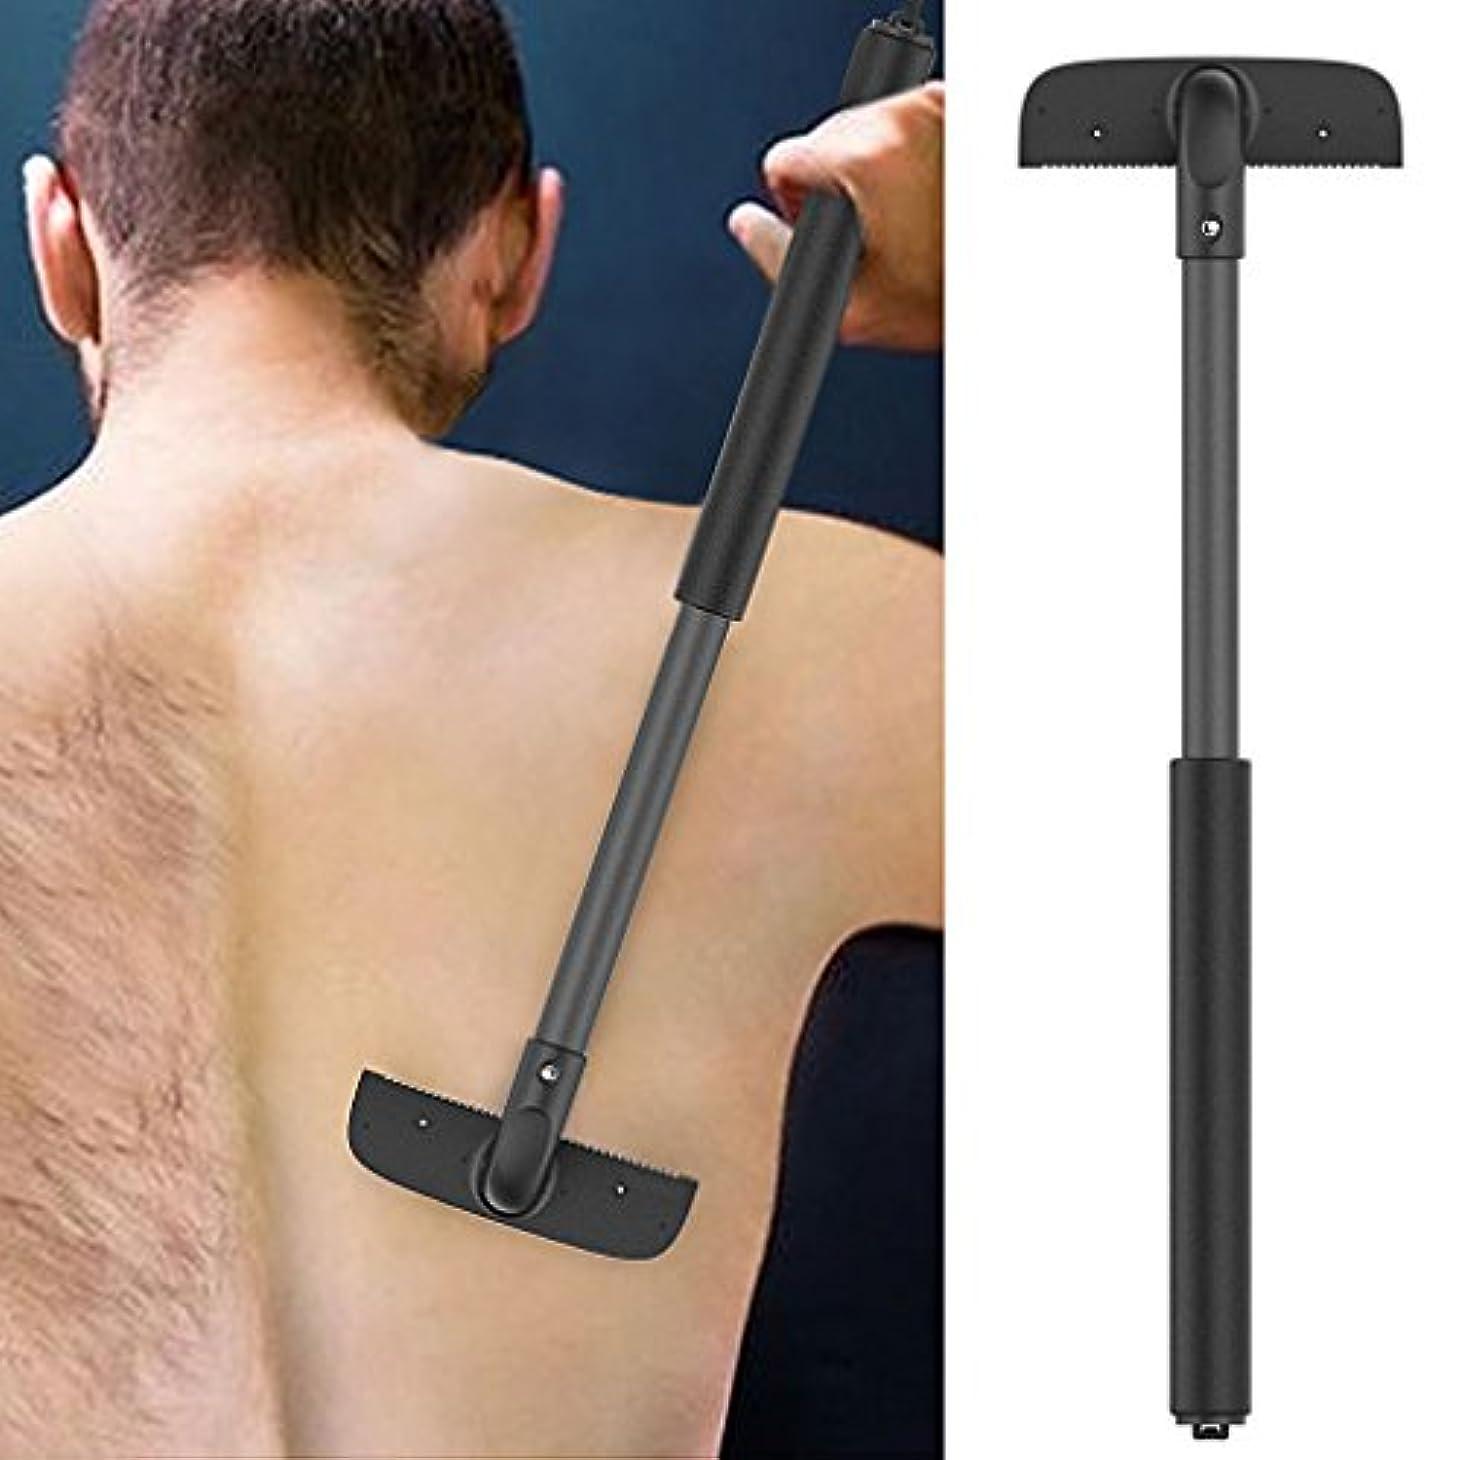 ベーコンカール貯水池バックヘア、Back Hair Removal And Body Shaver,調節可能/拡張可能なボディヘアボディーシェーバートリマーカミソリセルフグルーミングツール、男性のためのカミソリ